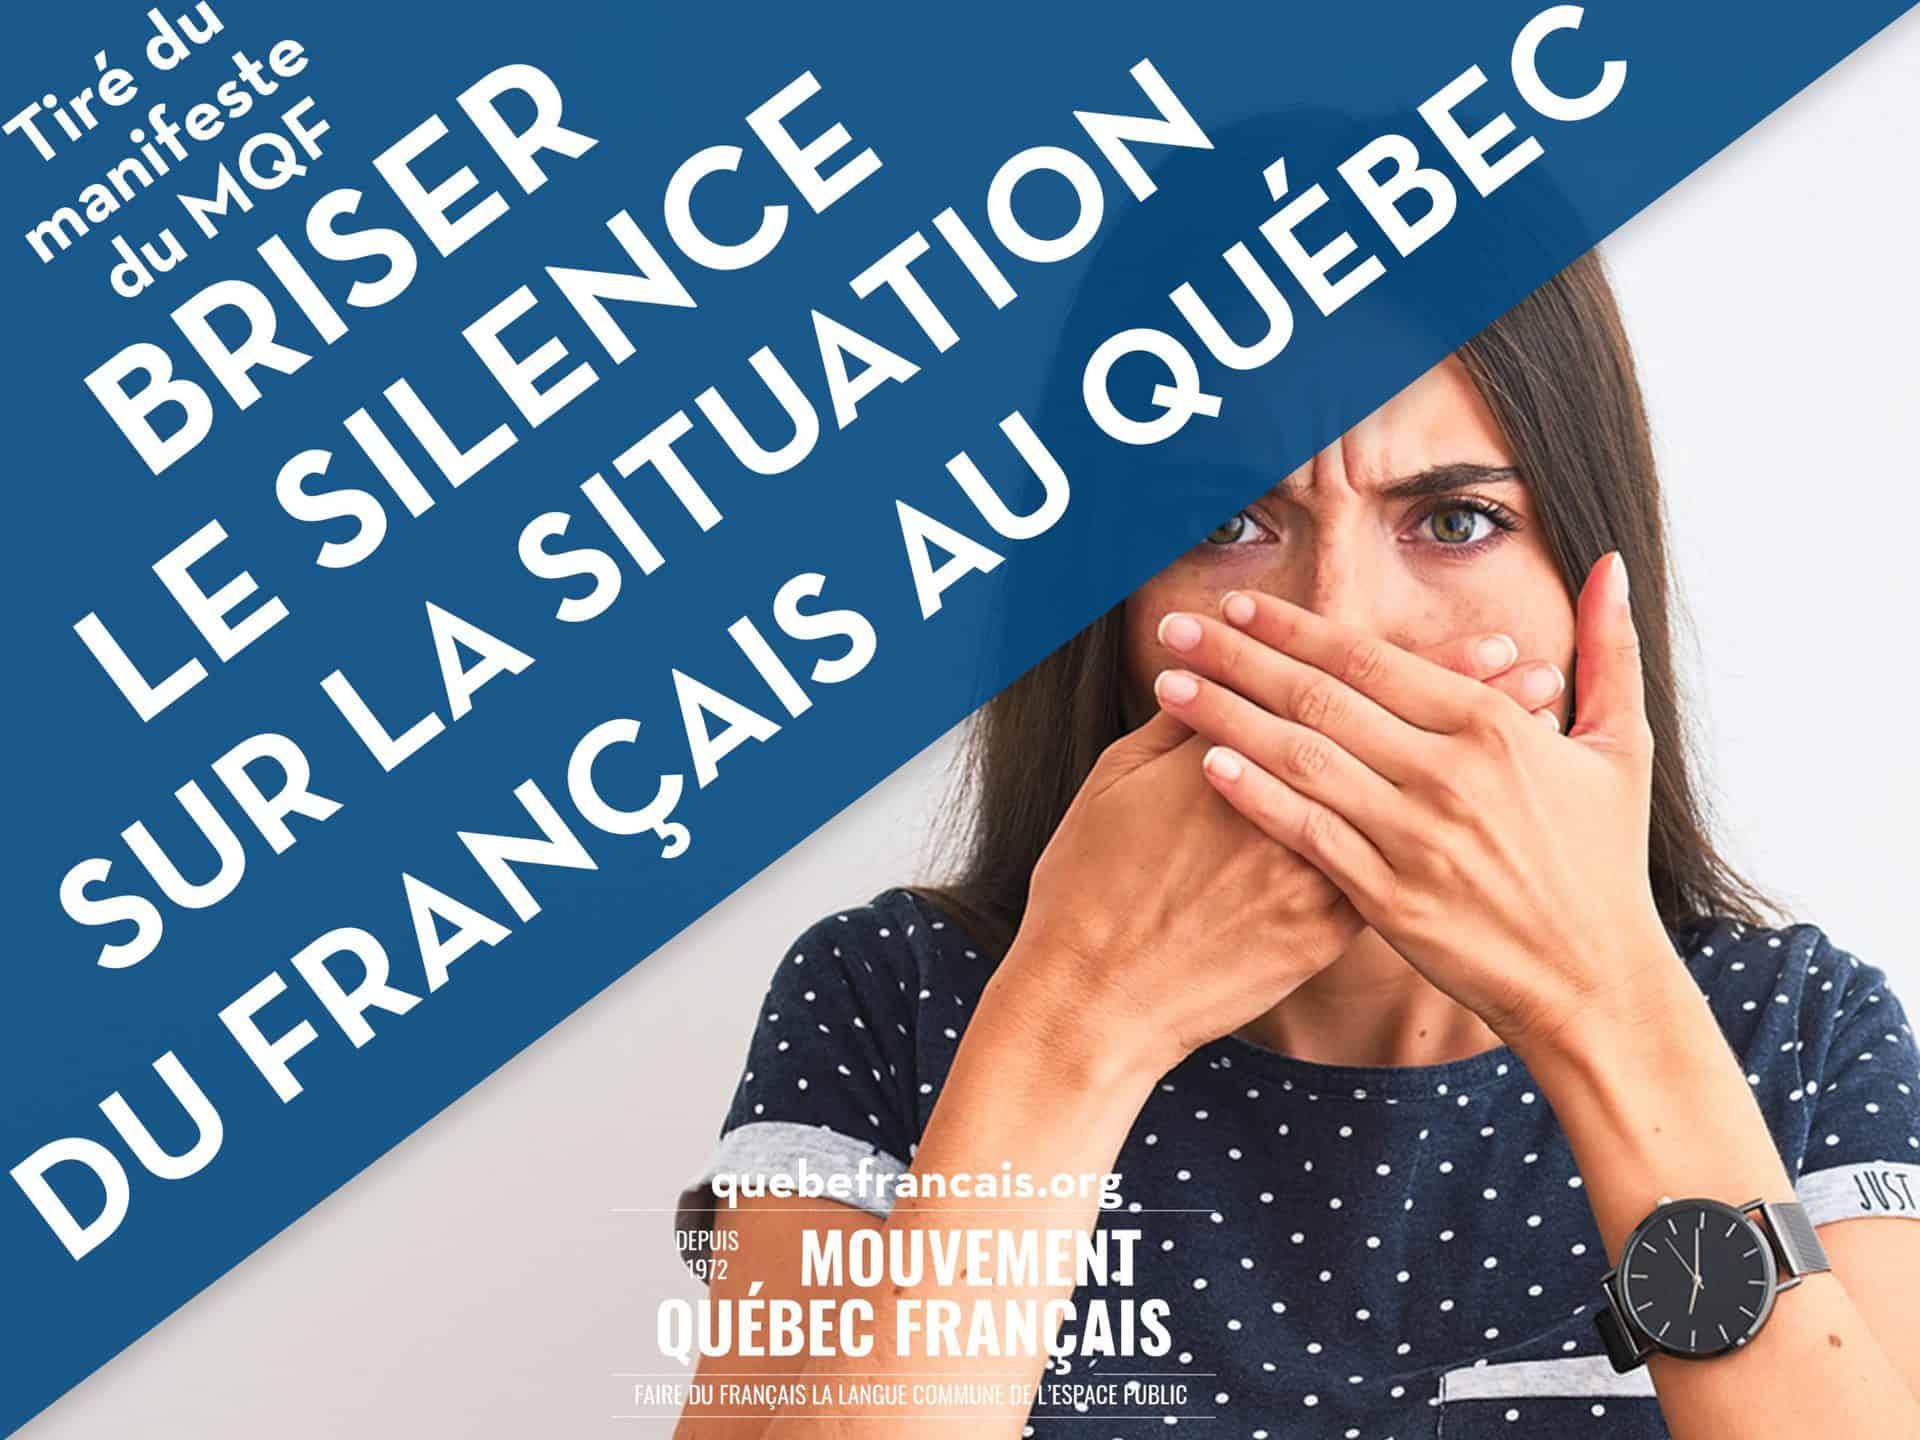 Briser le silence sur la situation du français au Québec